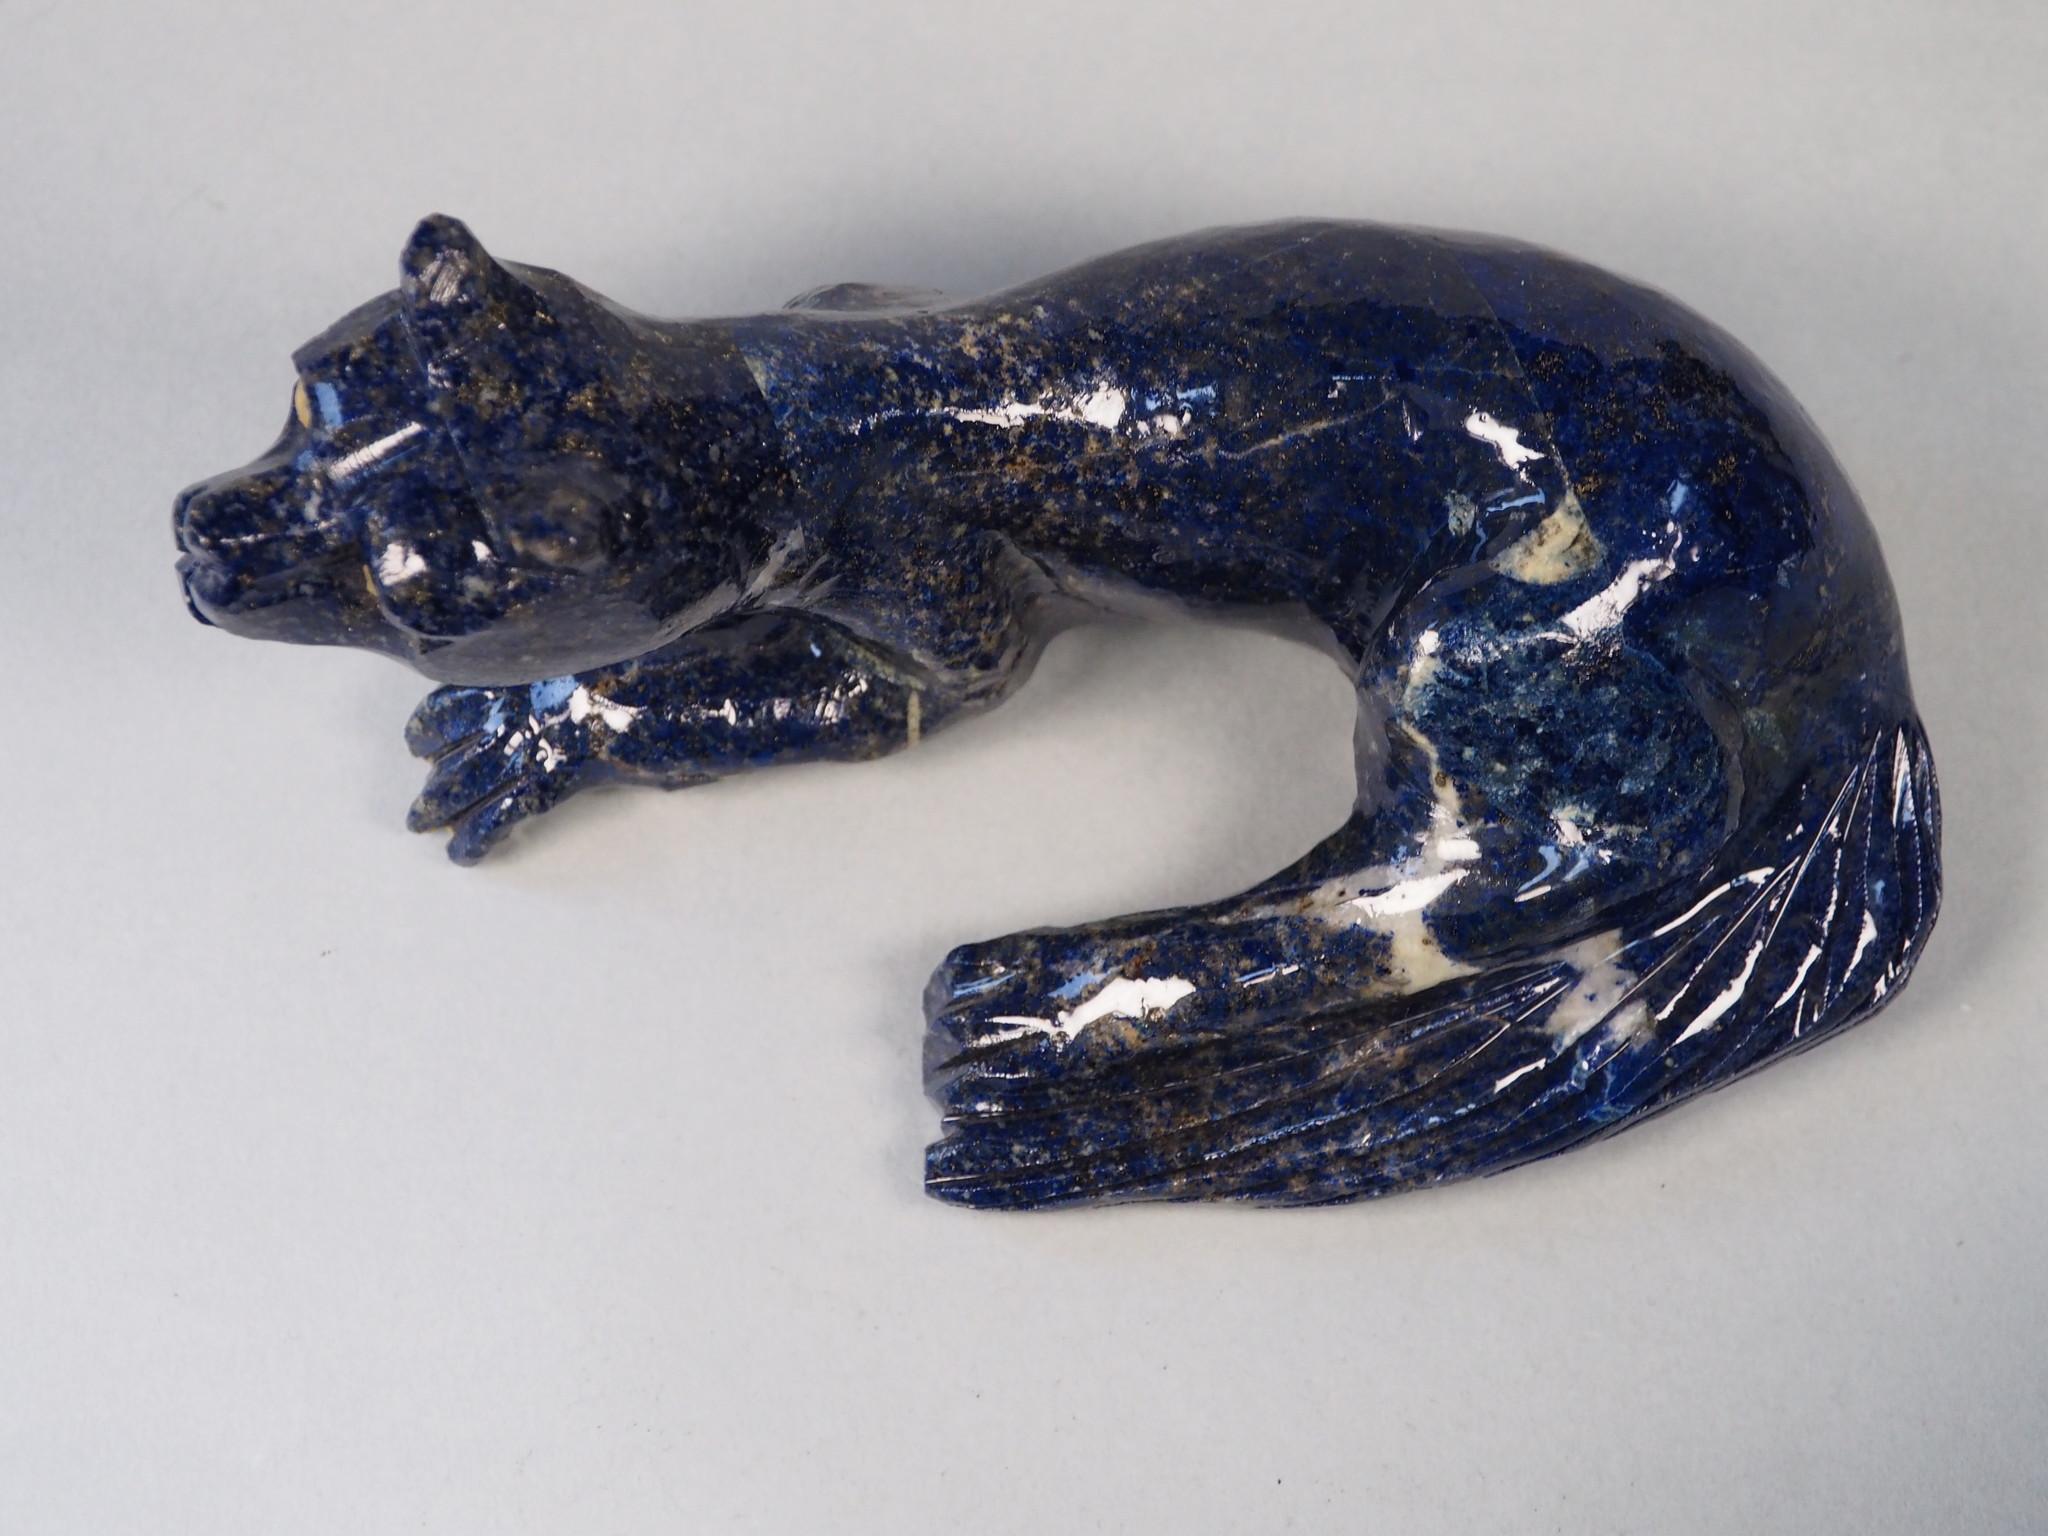 Extravagant Royal blau Lapis lazuli  tier figur briefbeschwere Raubkatze Nr:21/ 20